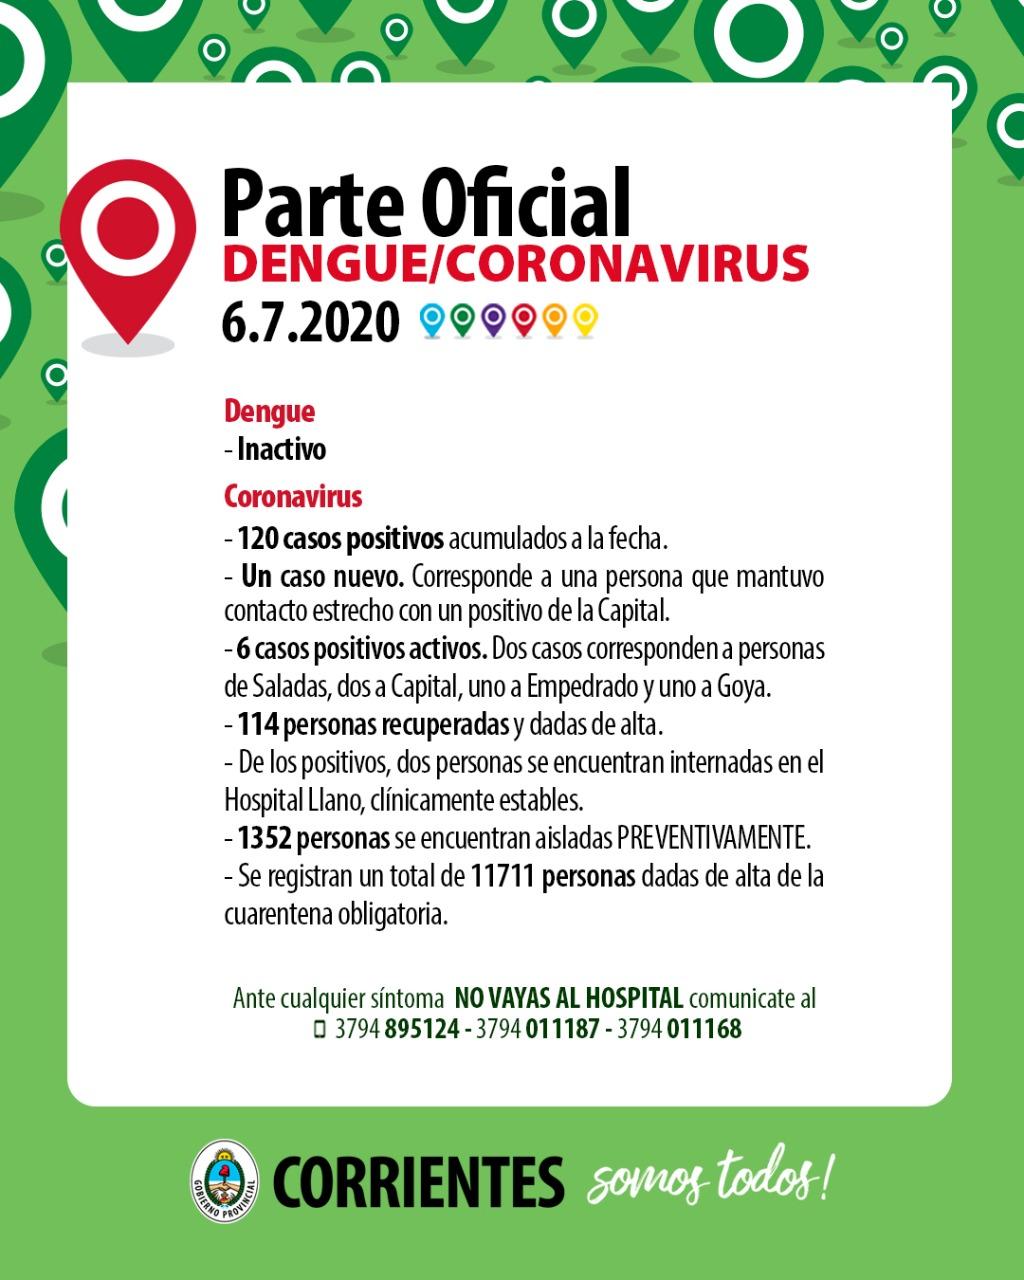 Un nuevo caso positivo de Coronavirus en Capital